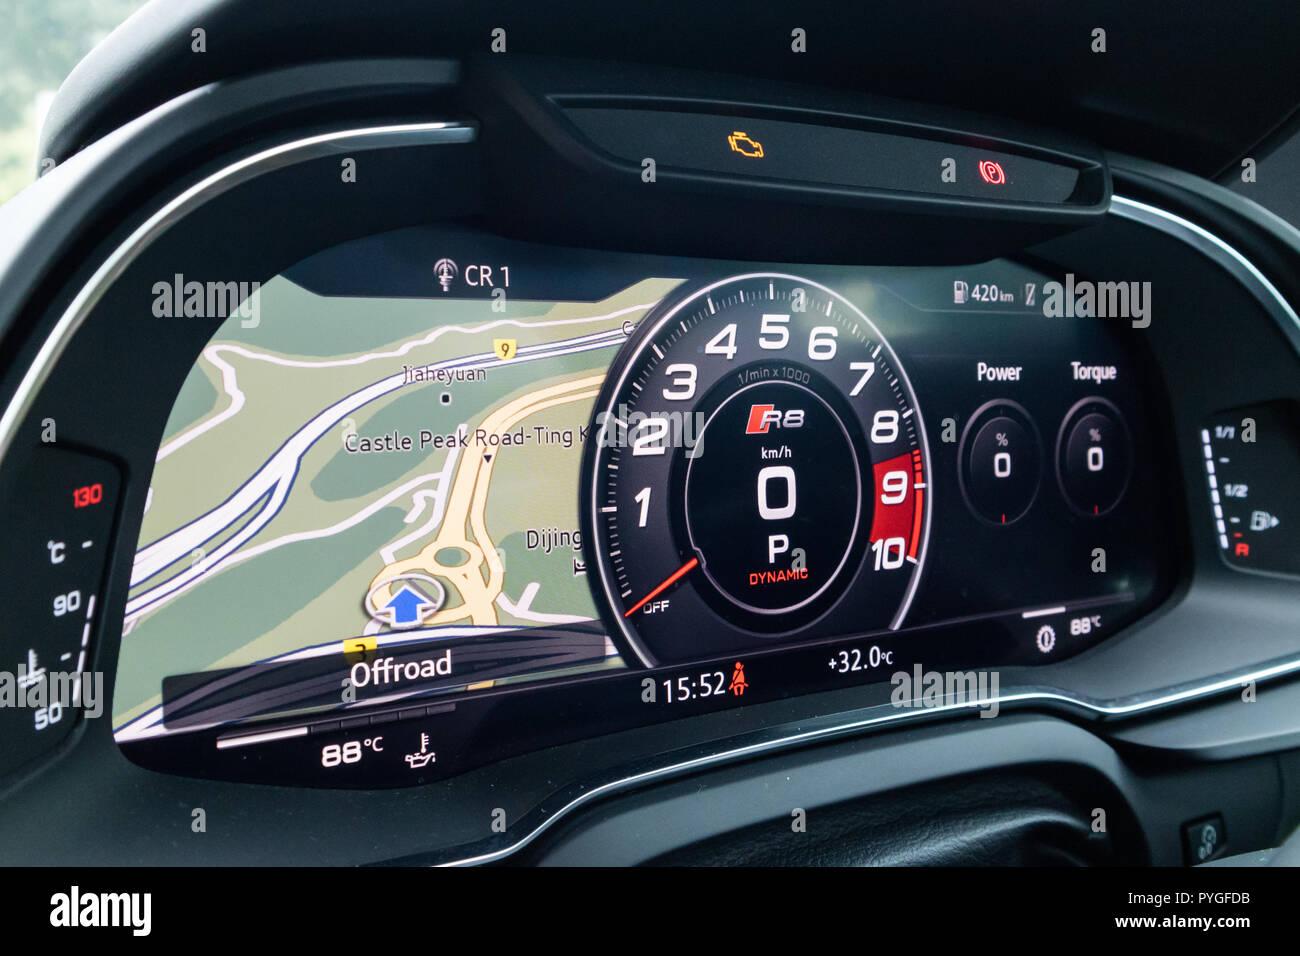 Hong Kong China July 3 2018 Audi R8 2018 Dashboard July 3 2018